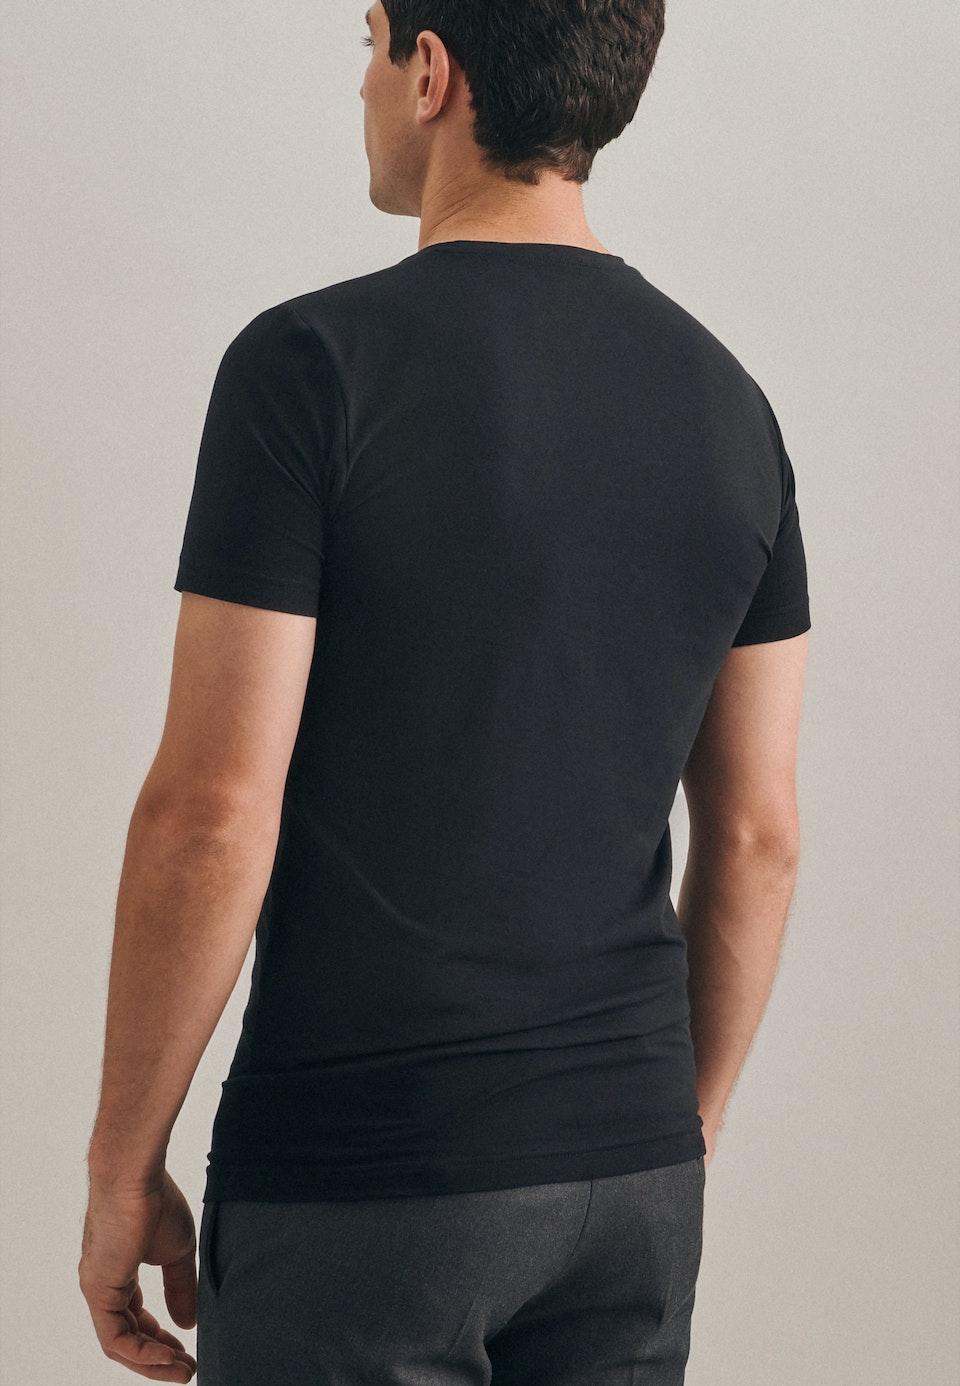 Rundhals T-Shirt aus Baumwollmischung in Schwarz    Seidensticker Onlineshop